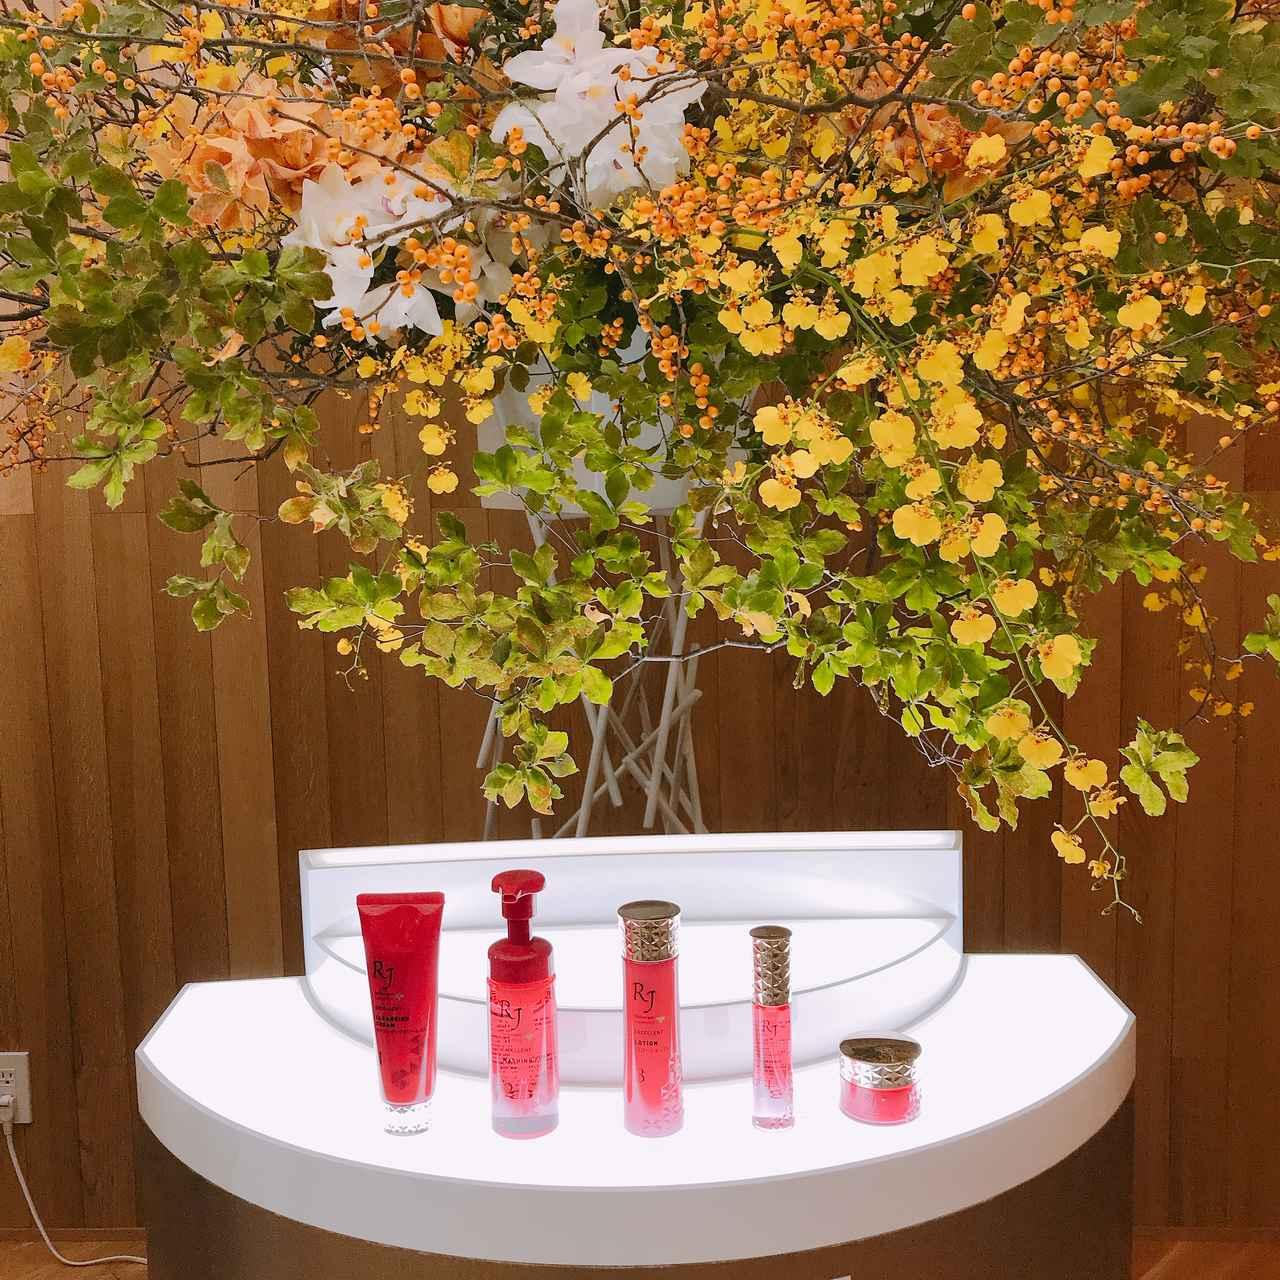 画像: 「華道 草月流」とのコラボで飾られた新商品の「RJエクセレントシリーズ」の展示はとても華やかで素敵♡